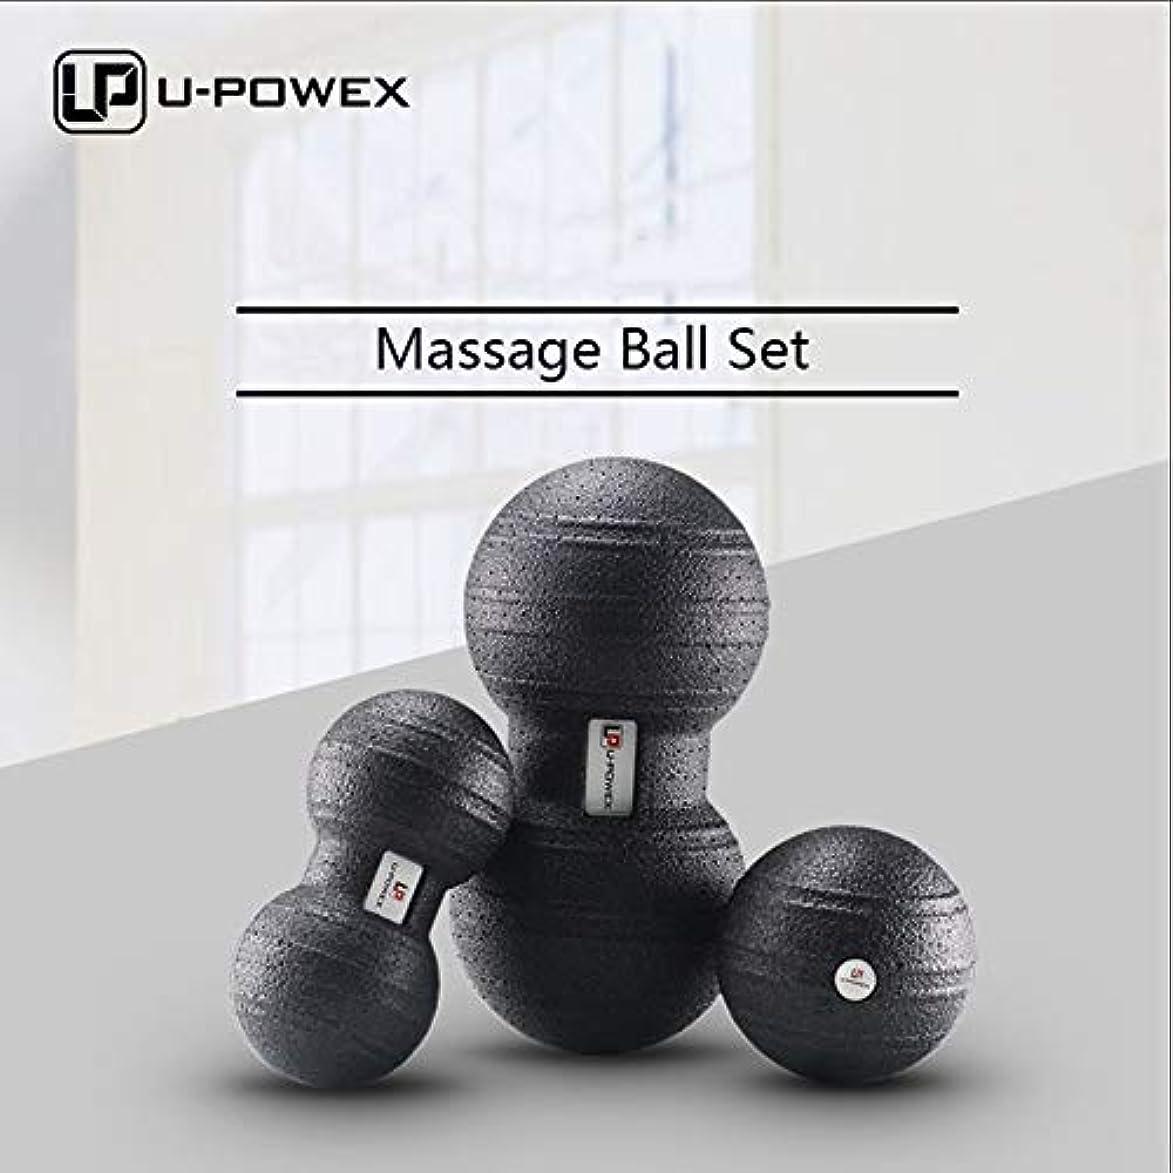 温度温度豊富なマッサージボール筋筋膜および筋肉マッサージボールセット3 in 1シングルボール8 cmまたはダブルボール12 x 24 cm - 100%非毒性のリサイクル可能な背中、肩、足